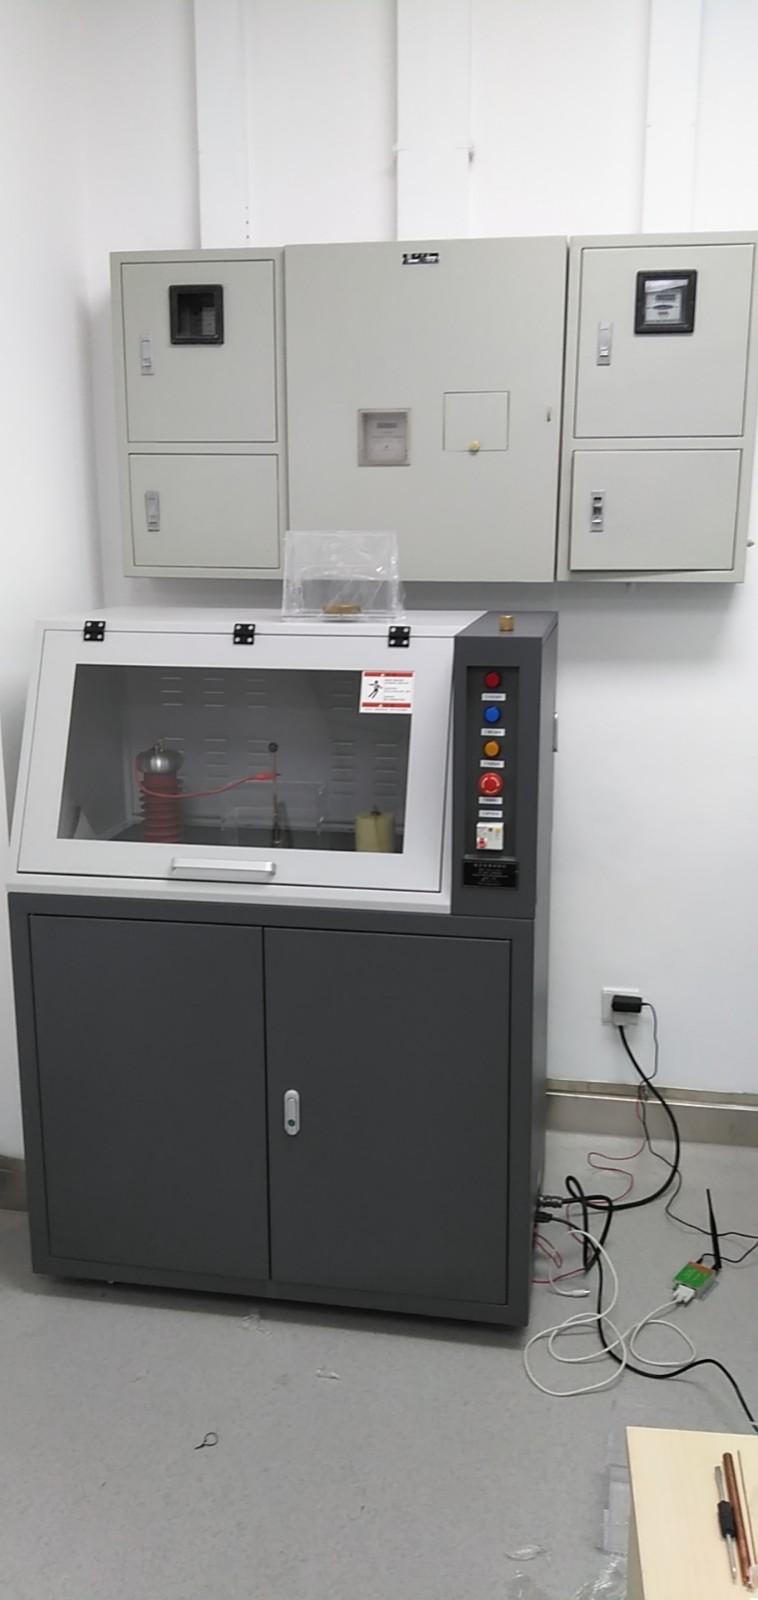 河北省保定市易县高村乡绝缘漆电气强度试验仪多少钱